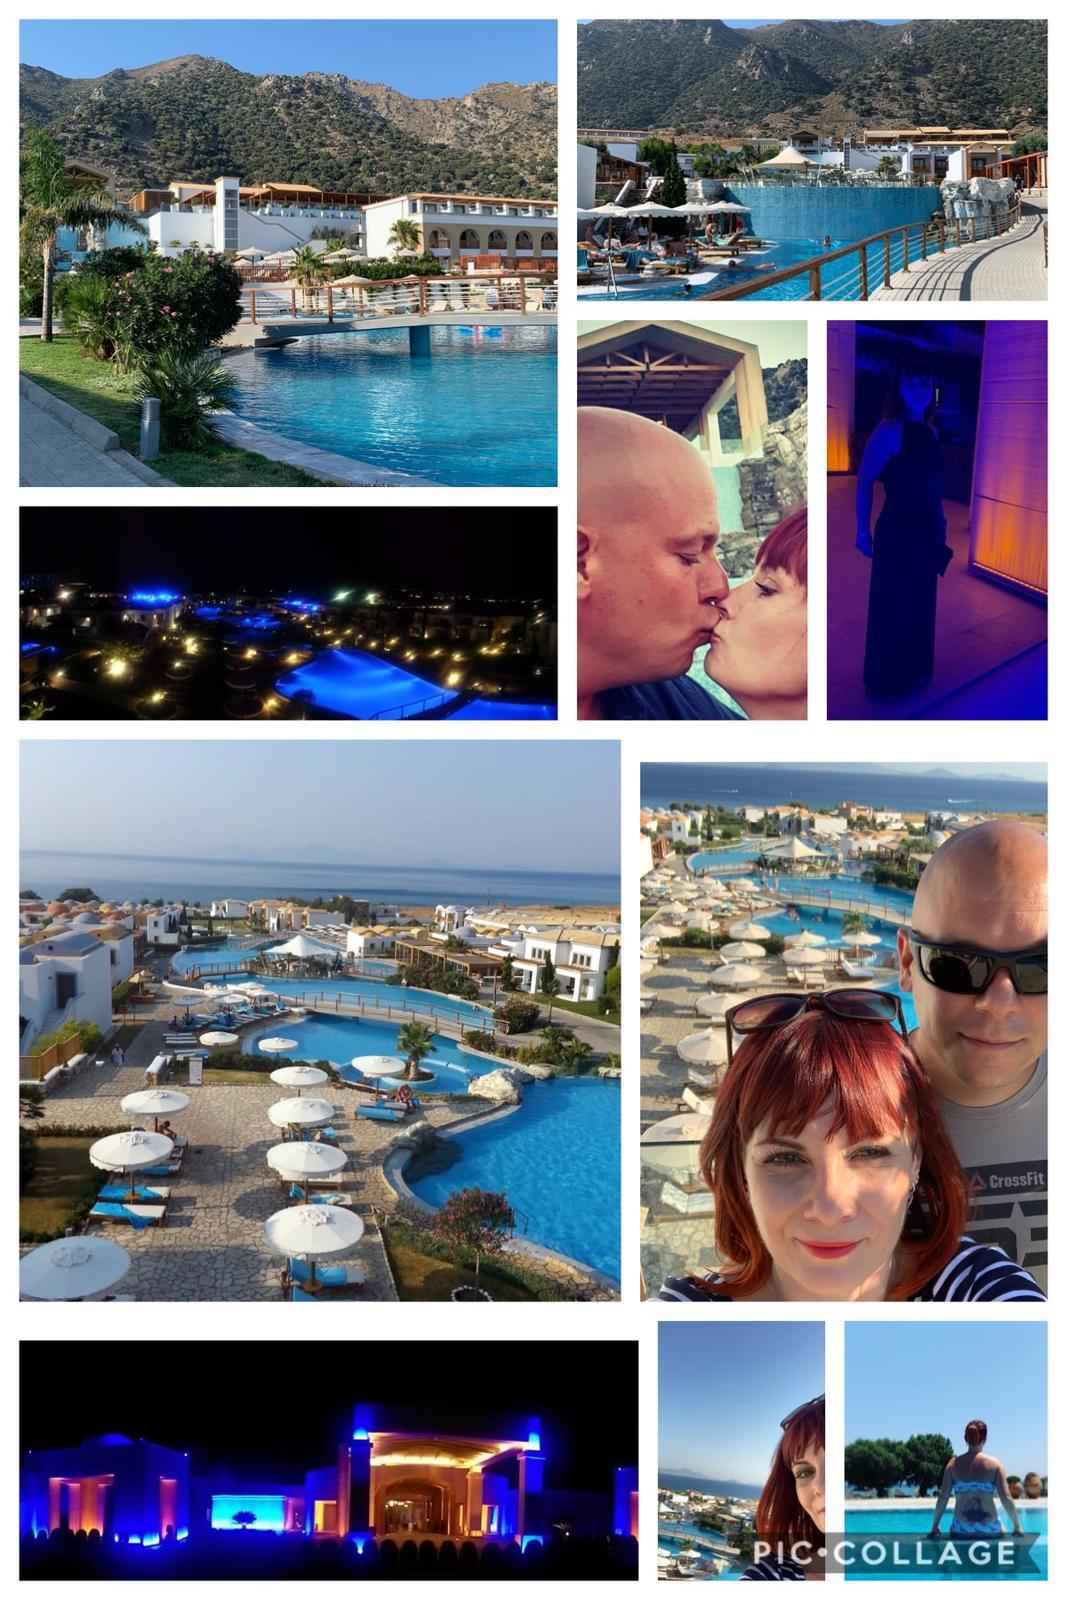 Léto 2019, Řecko - Kos - Obrázek č. 2